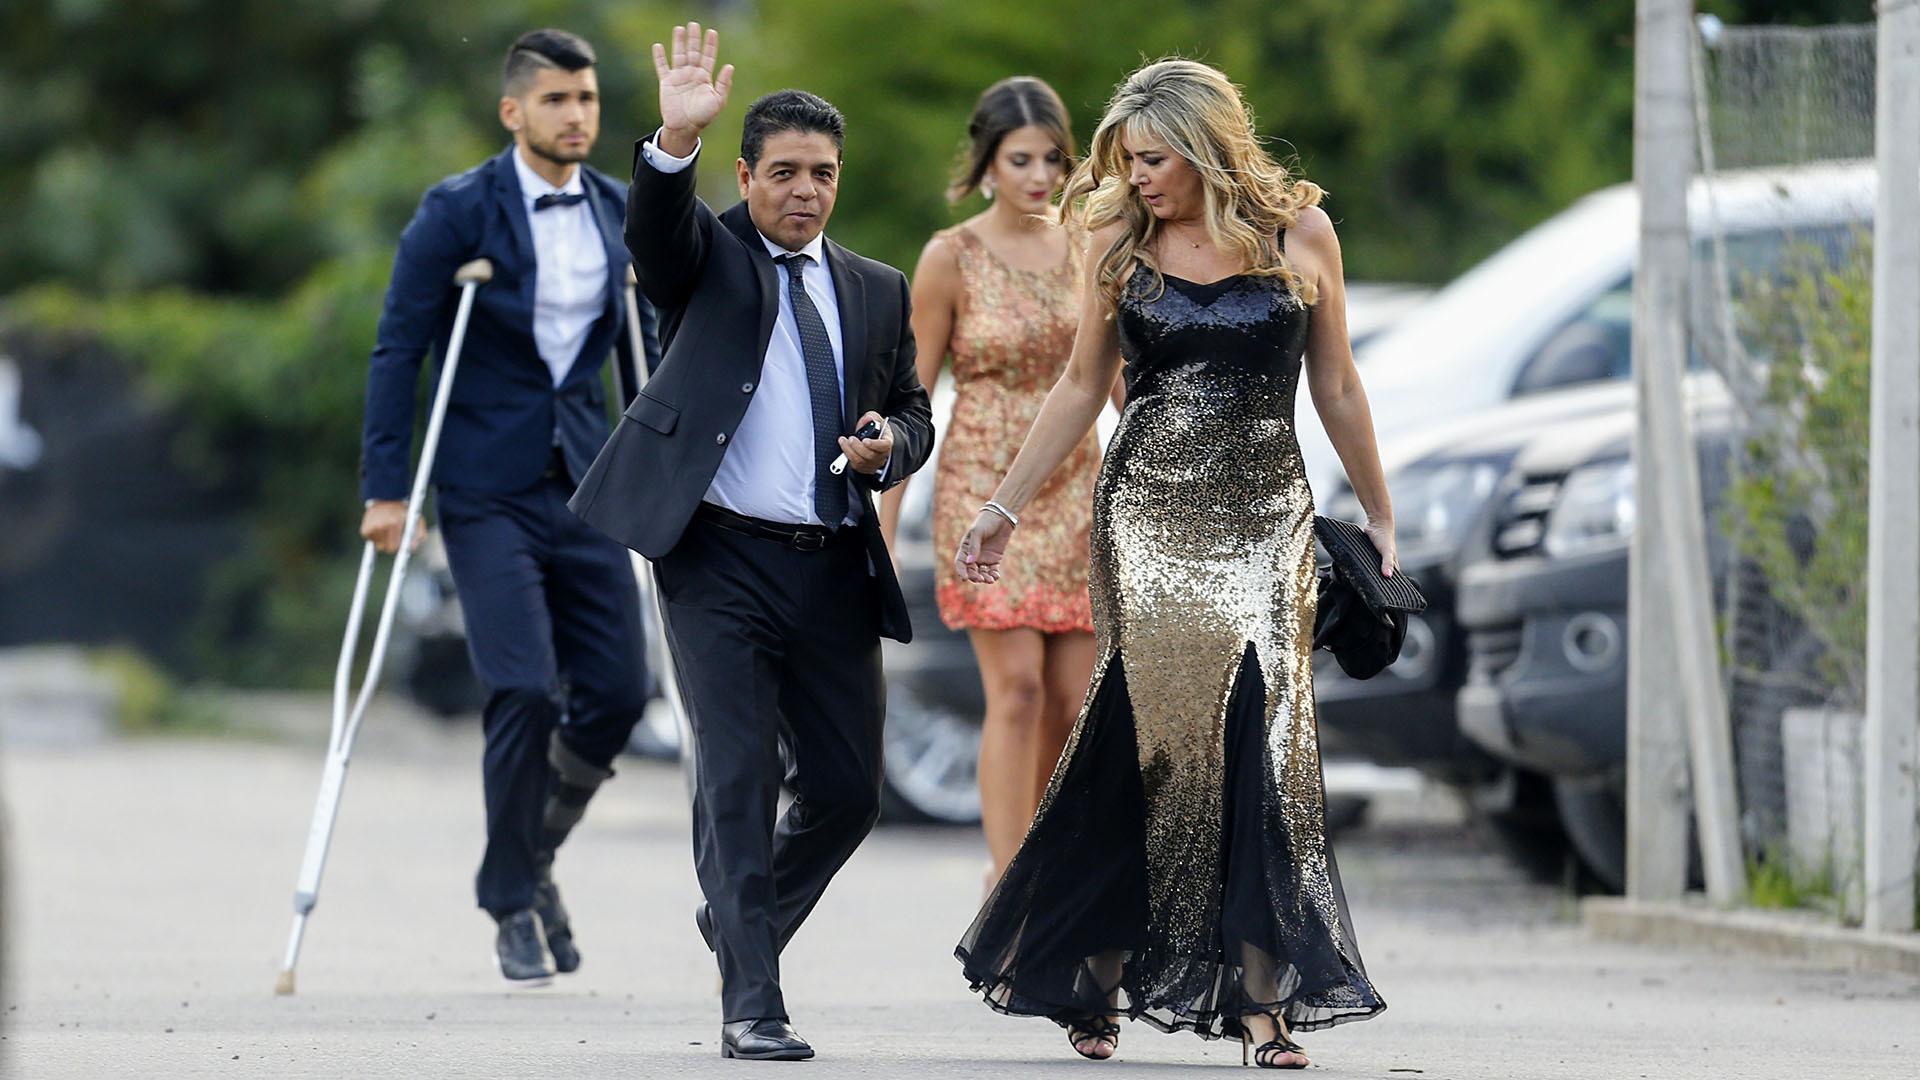 Lalo Maradona y su mujer (Fotos: Nicolás Aboaf)